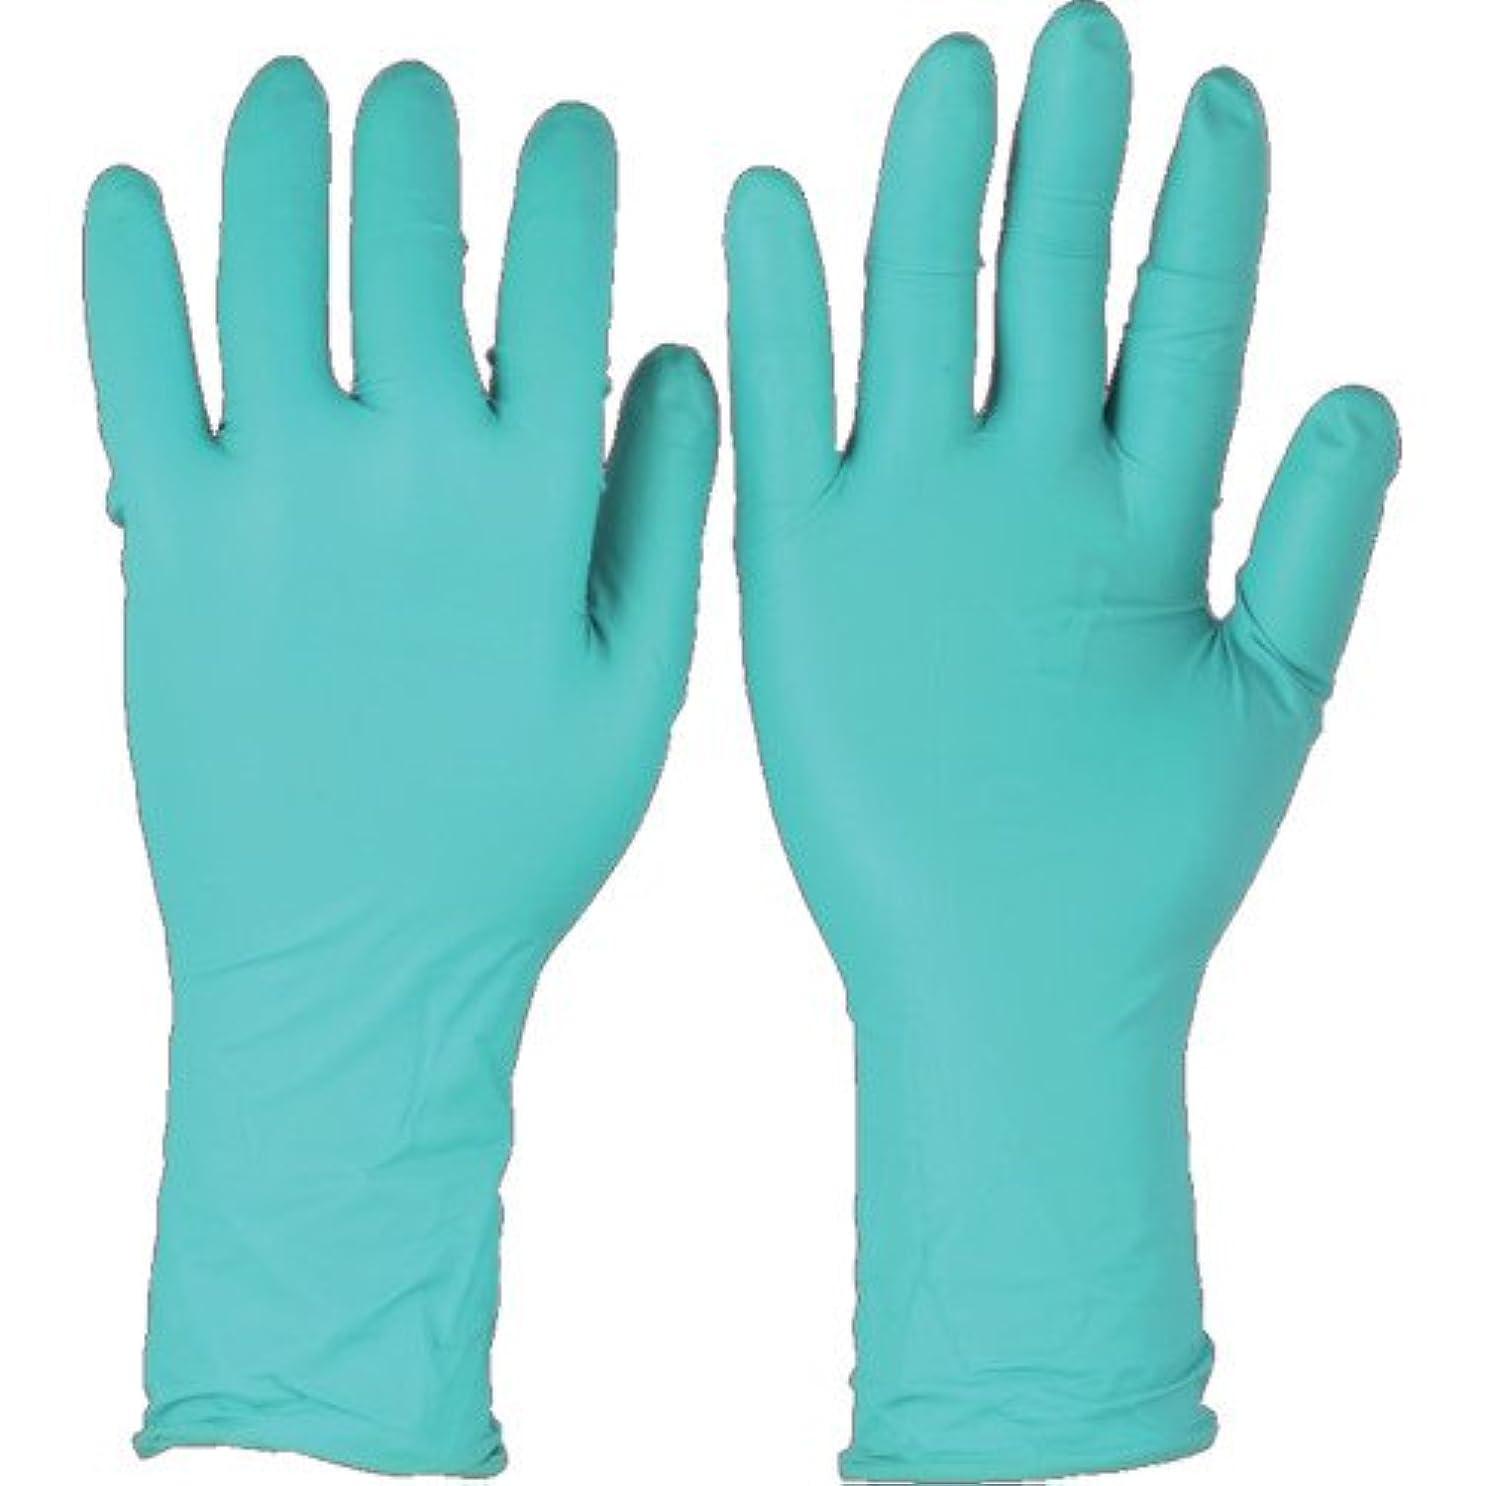 警察延ばす一時的トラスコ中山 アンセル ネオプレンゴム使い捨て手袋 マイクロフレックス 93-260 Sサイズ (50枚入)  932607